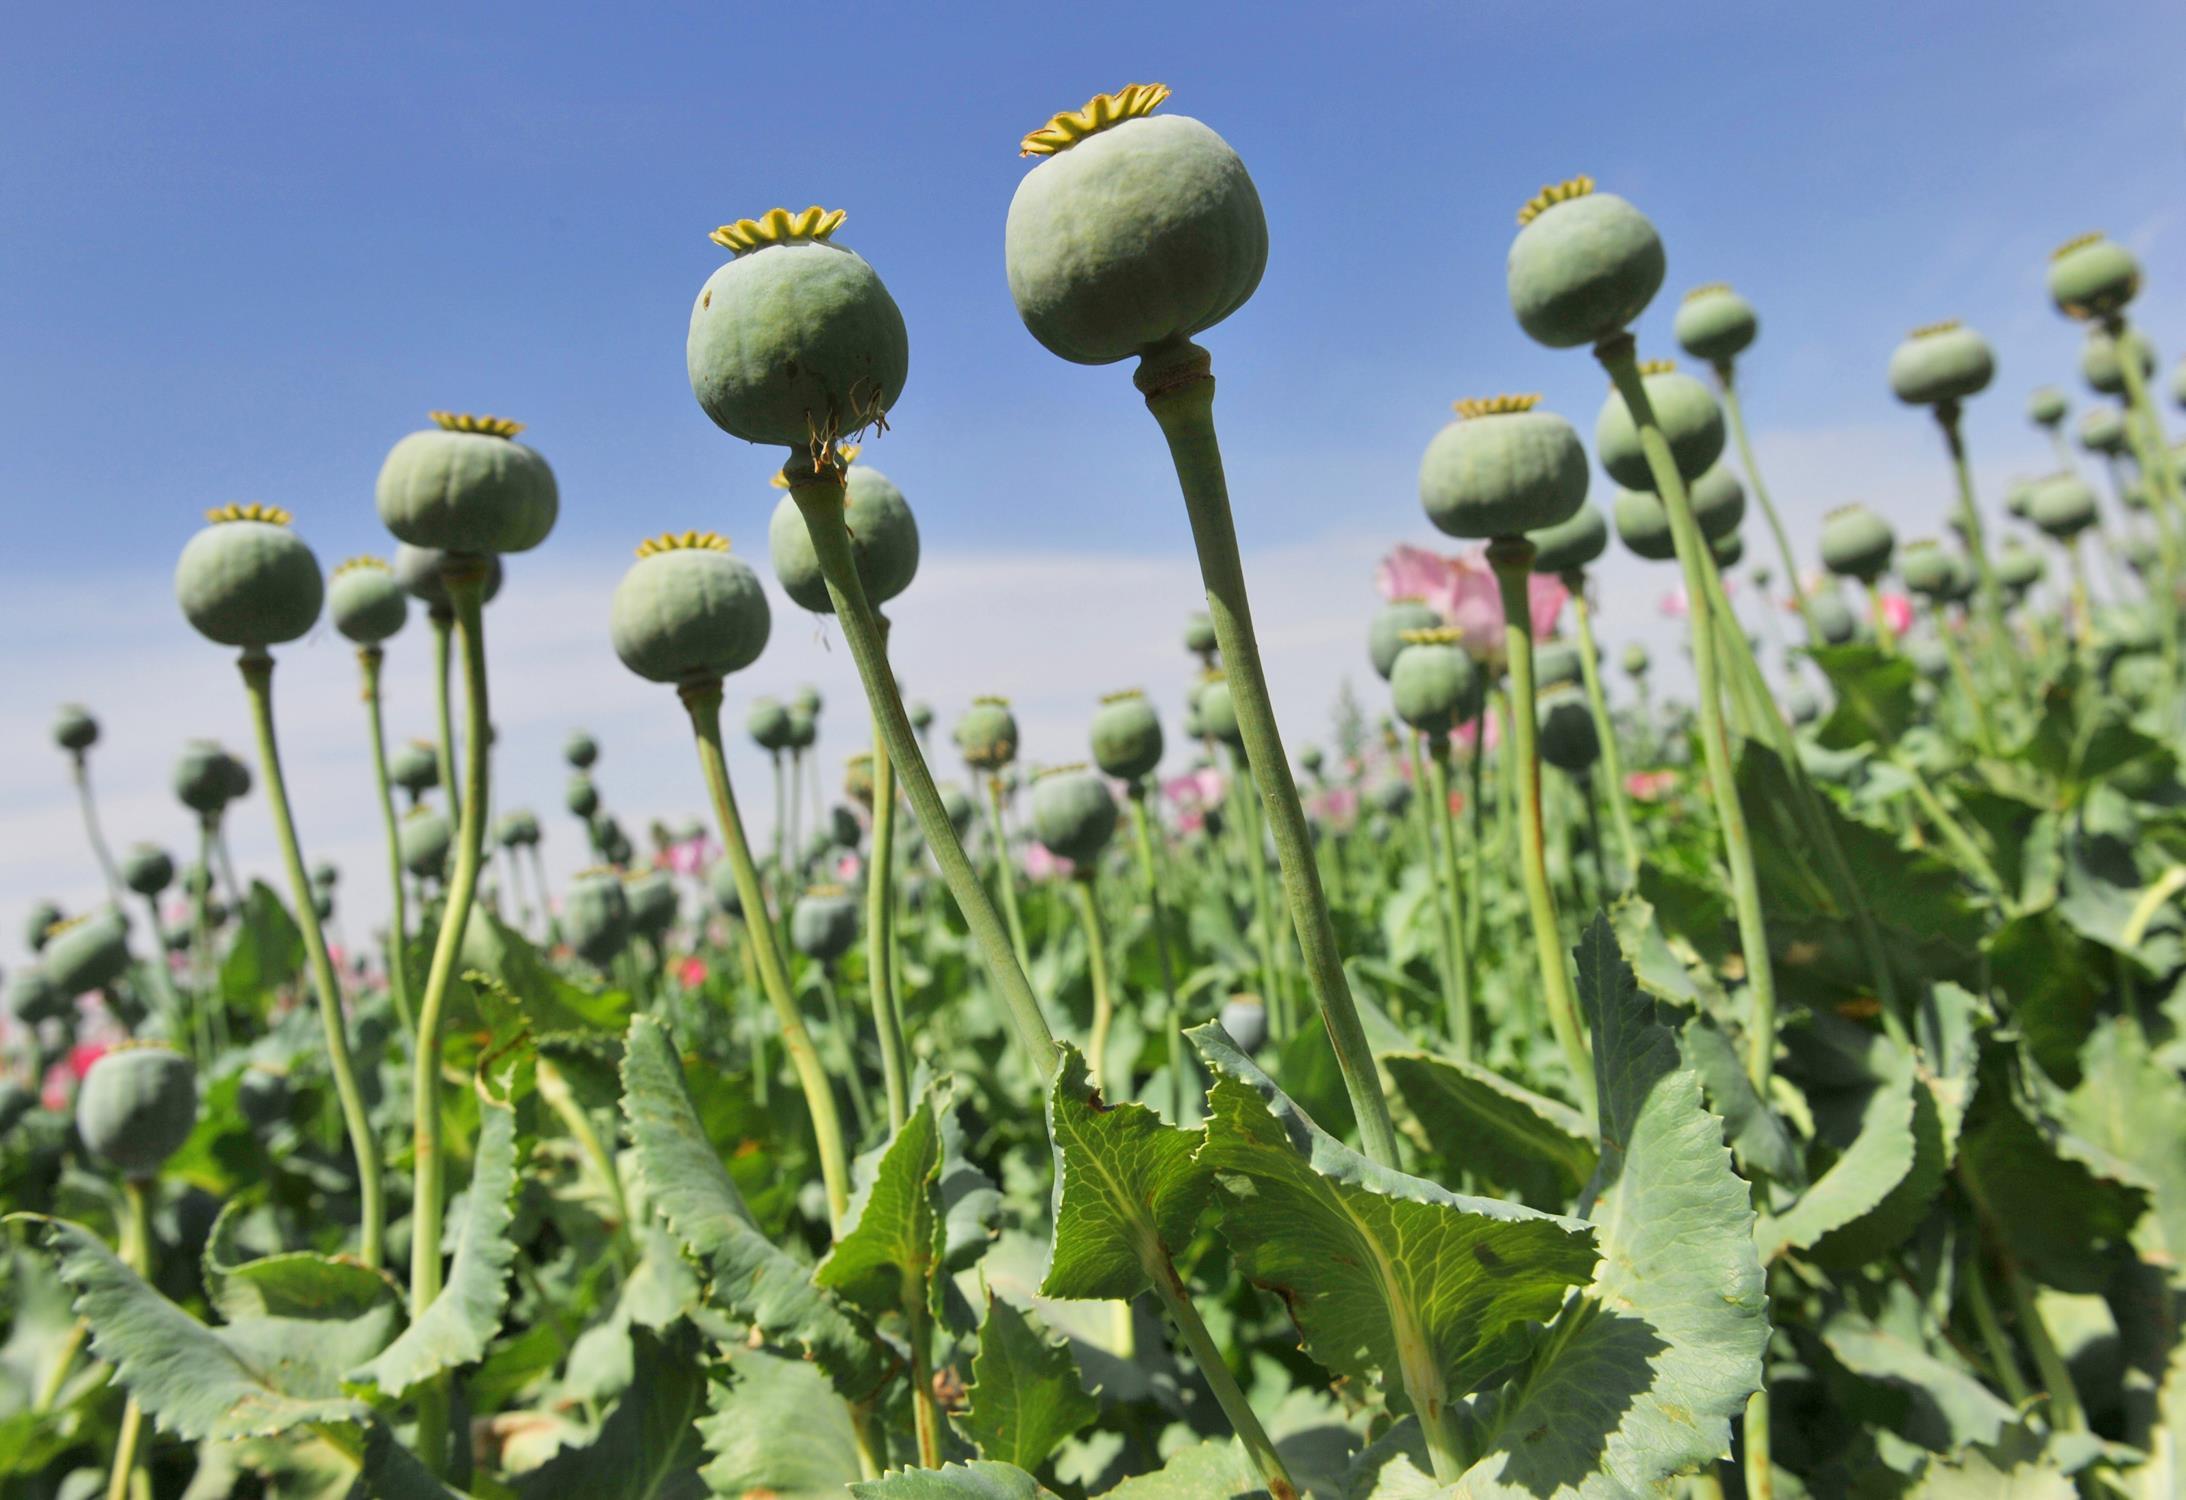 非法种植毒品原植物罪